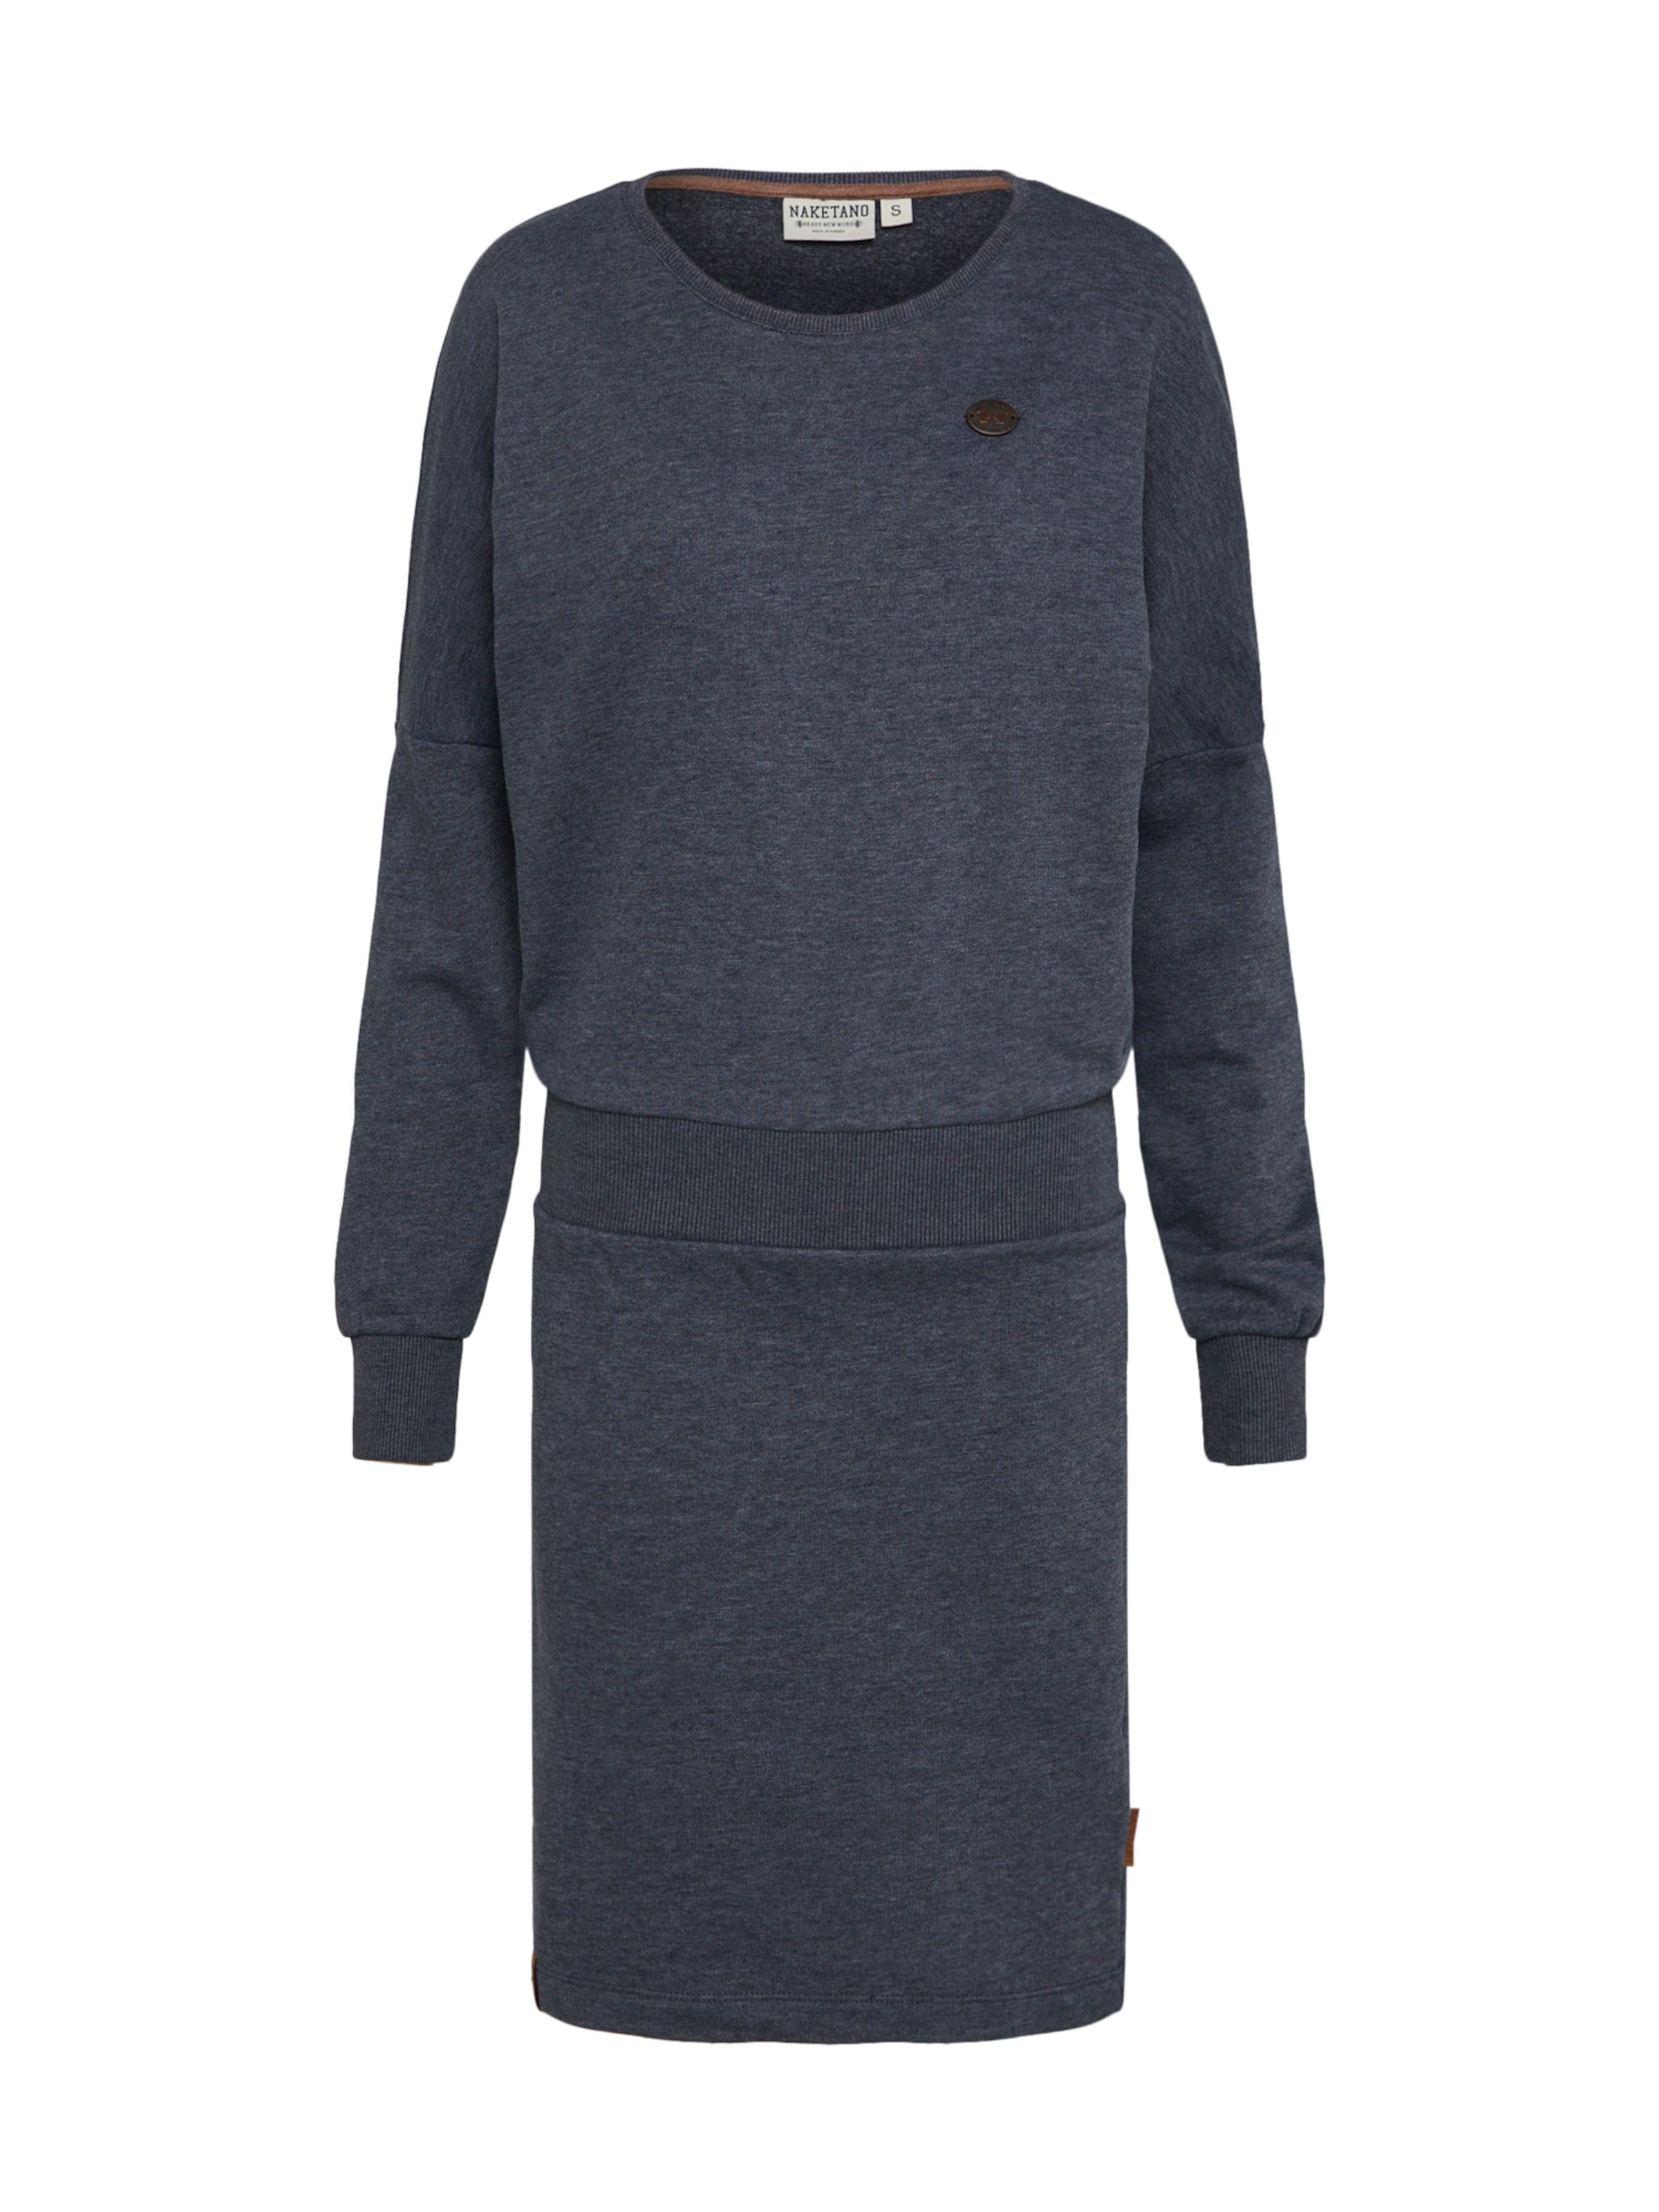 In Naketano Indigo Kleid Kleid Naketano 3AjRqLc54